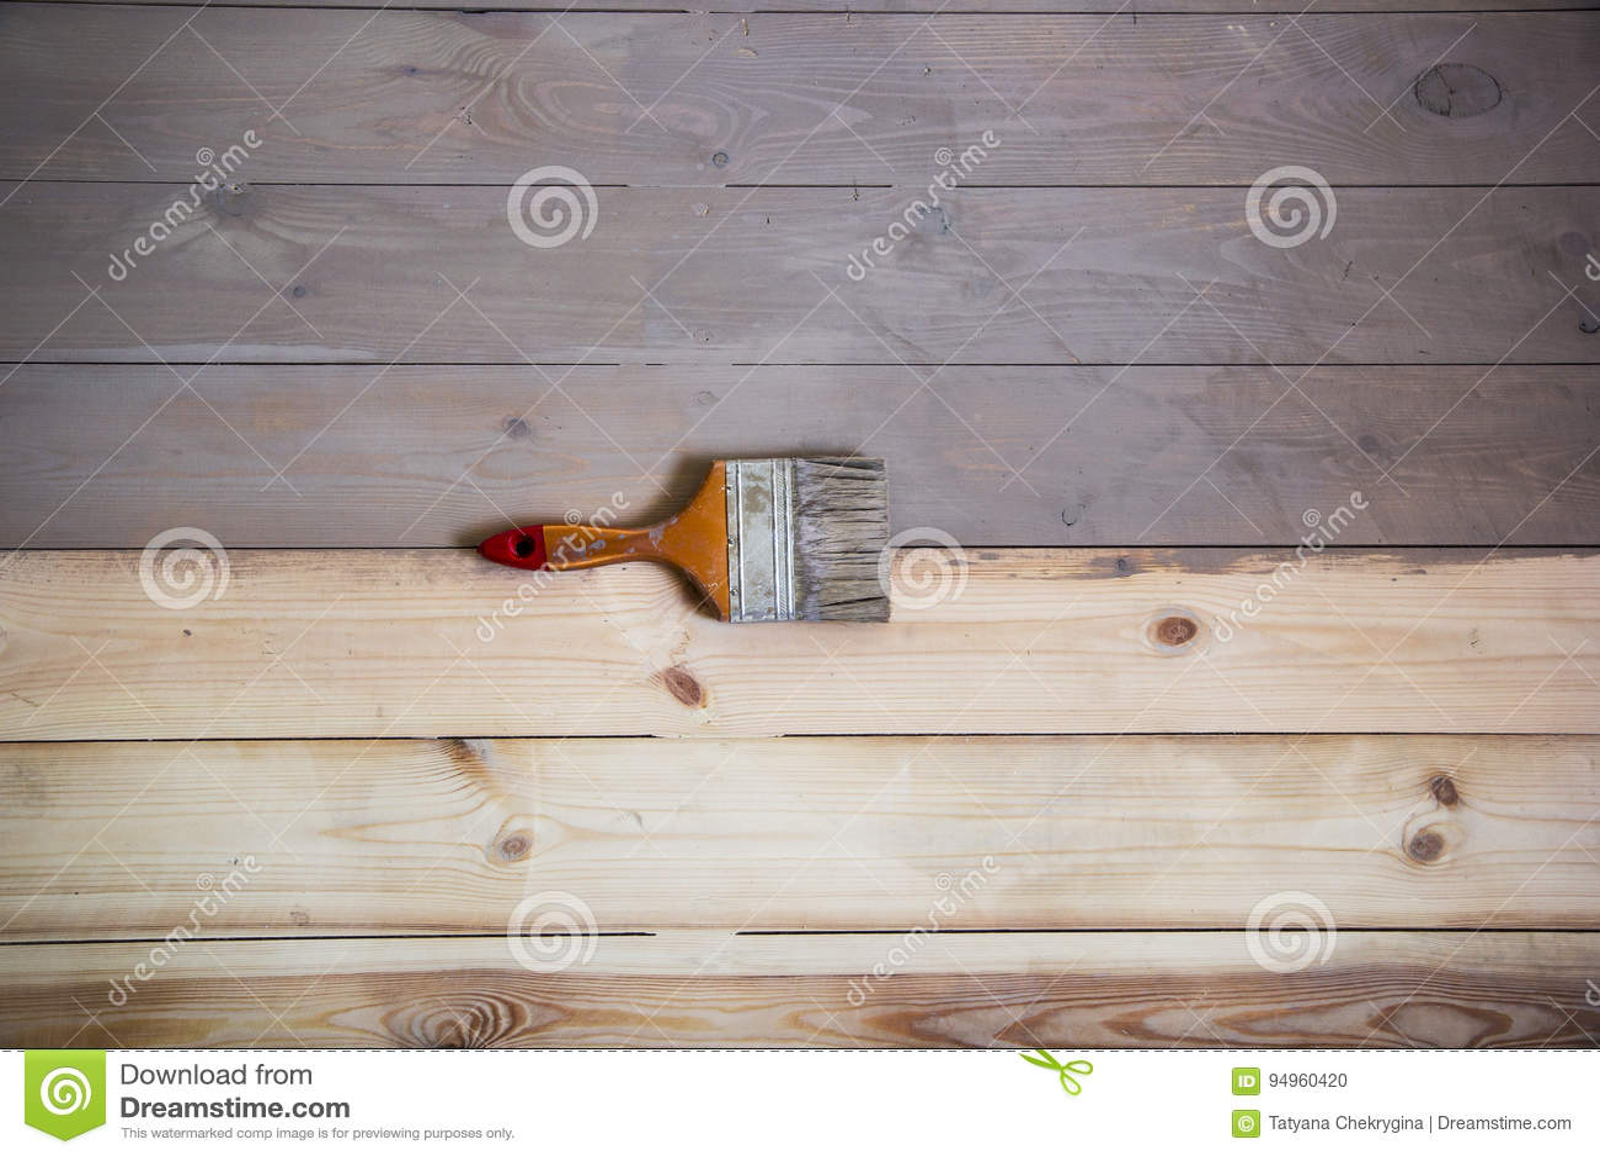 Geschilderde houten vloer met grijze kleur en een borstel op de